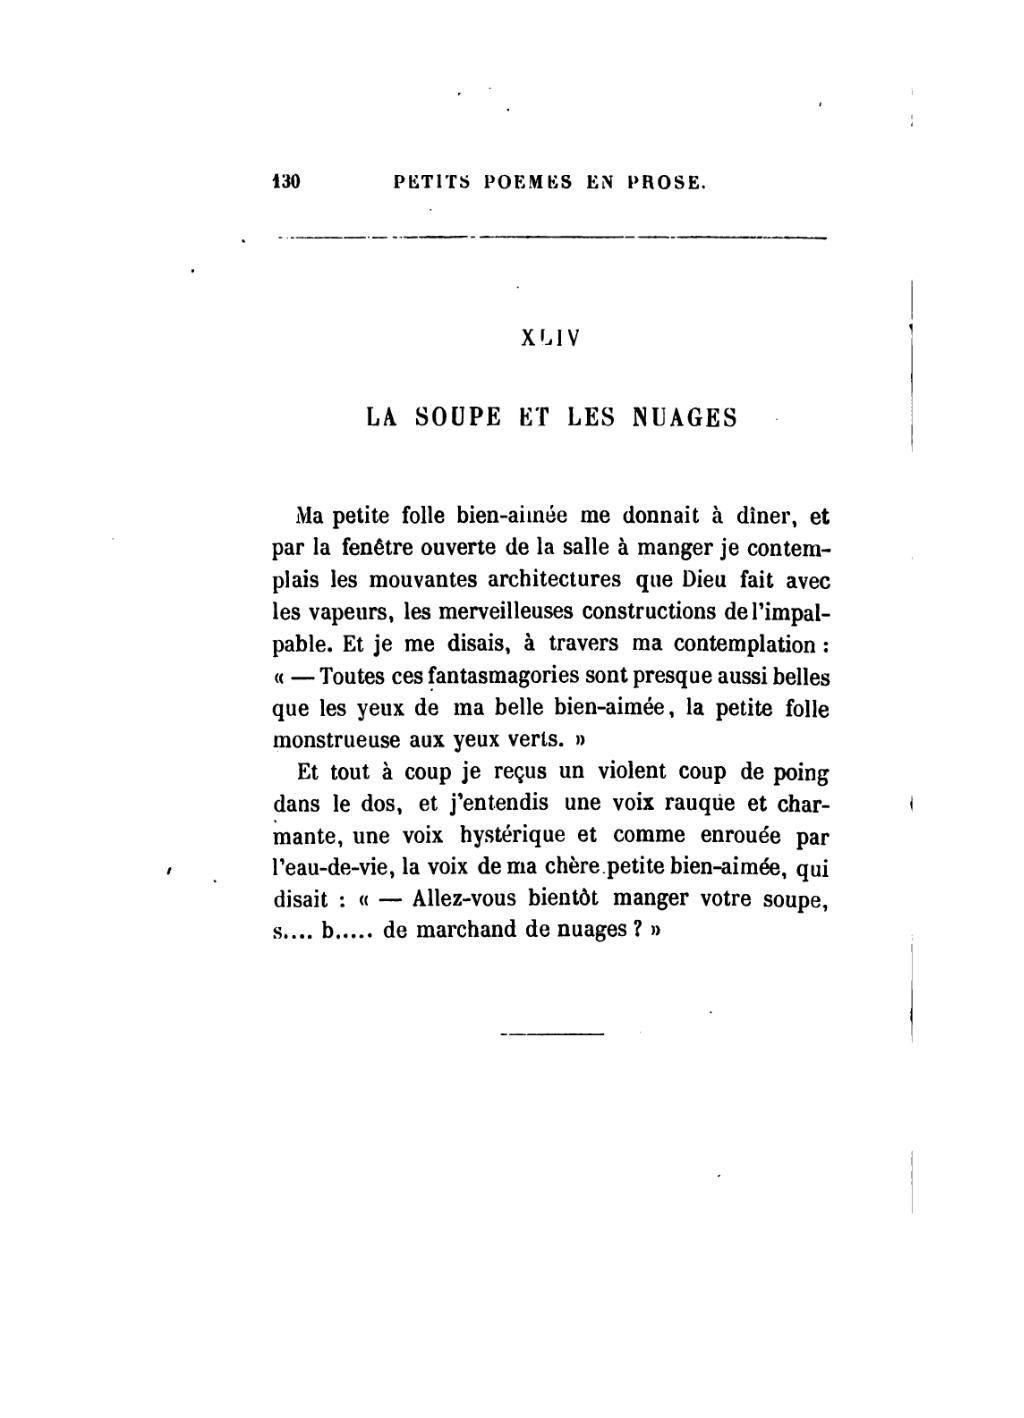 Page baudelaire petits po mes en prose wikisource - Coup de poing dans le dos ...